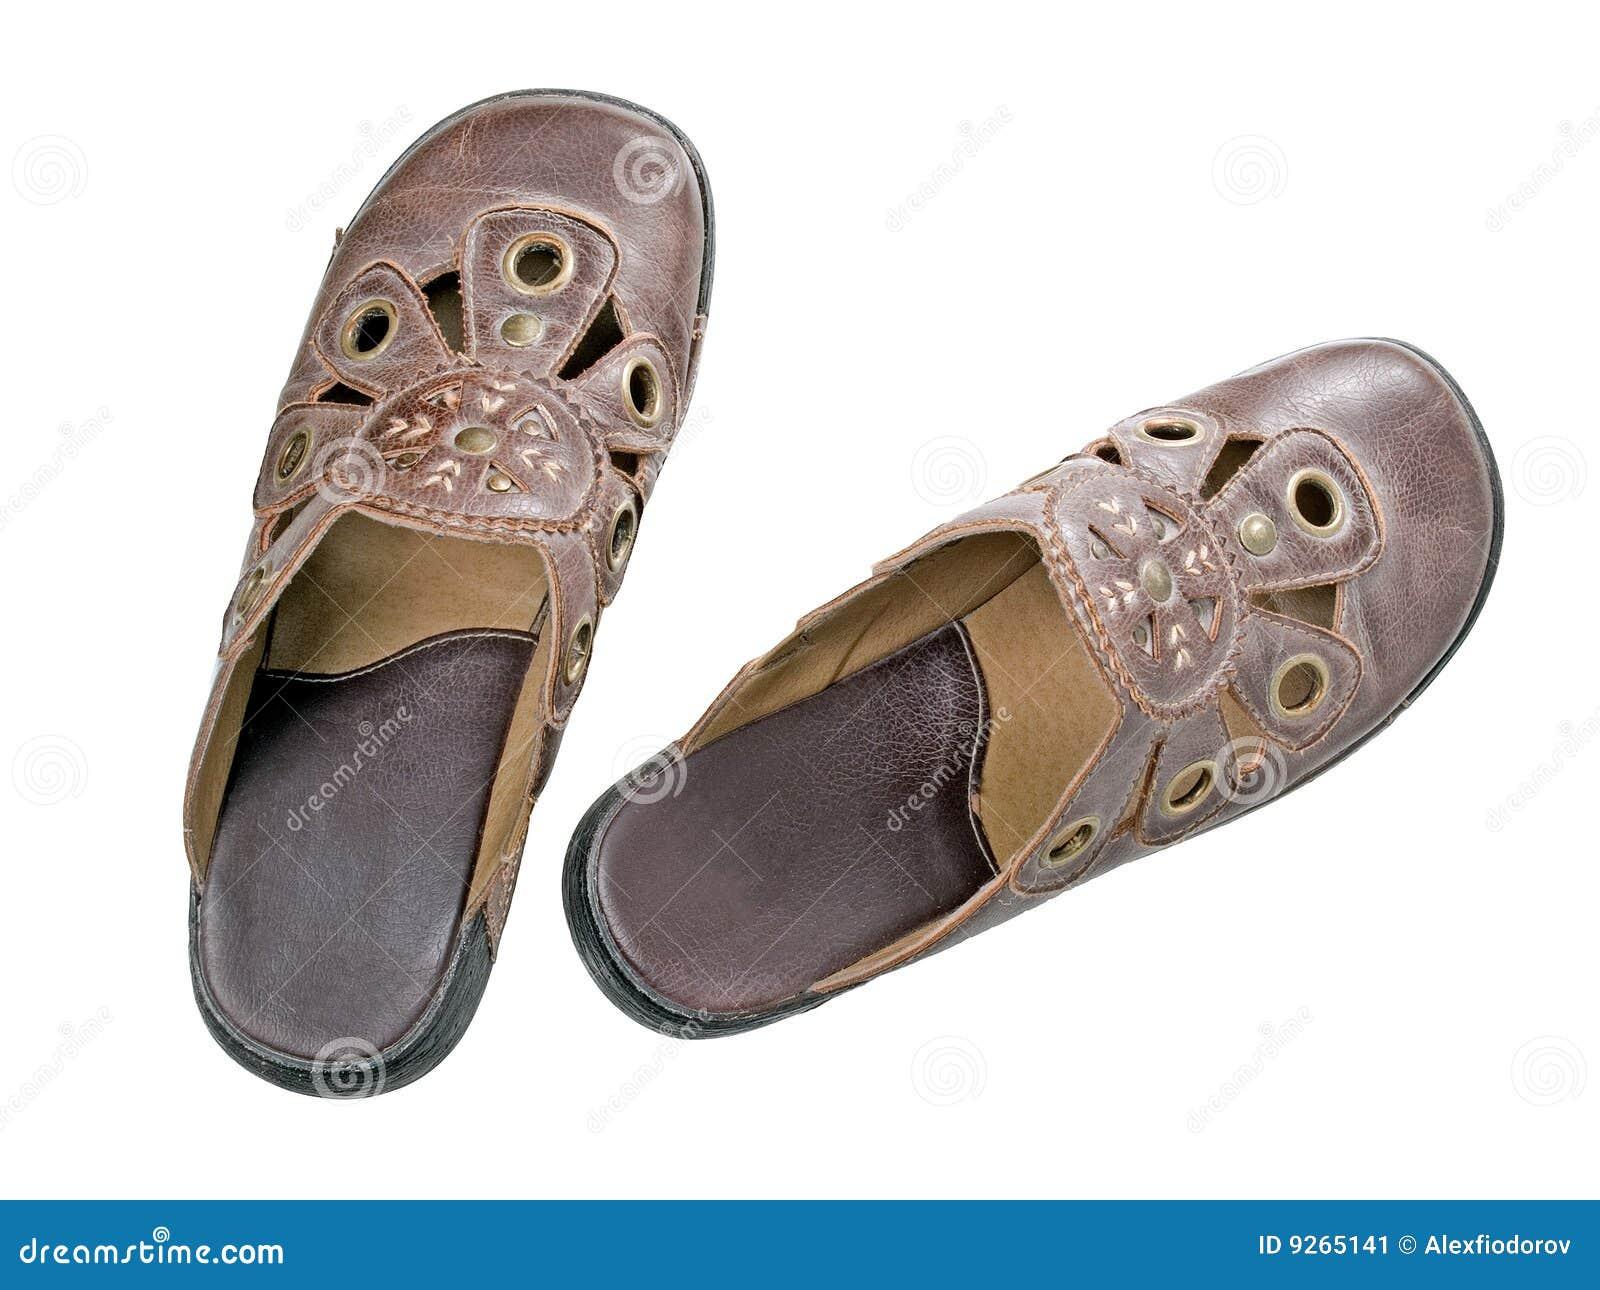 Elegant Colors Sandals 1  Women39s Shoes Online  Shoes Pumps Flats Sandals